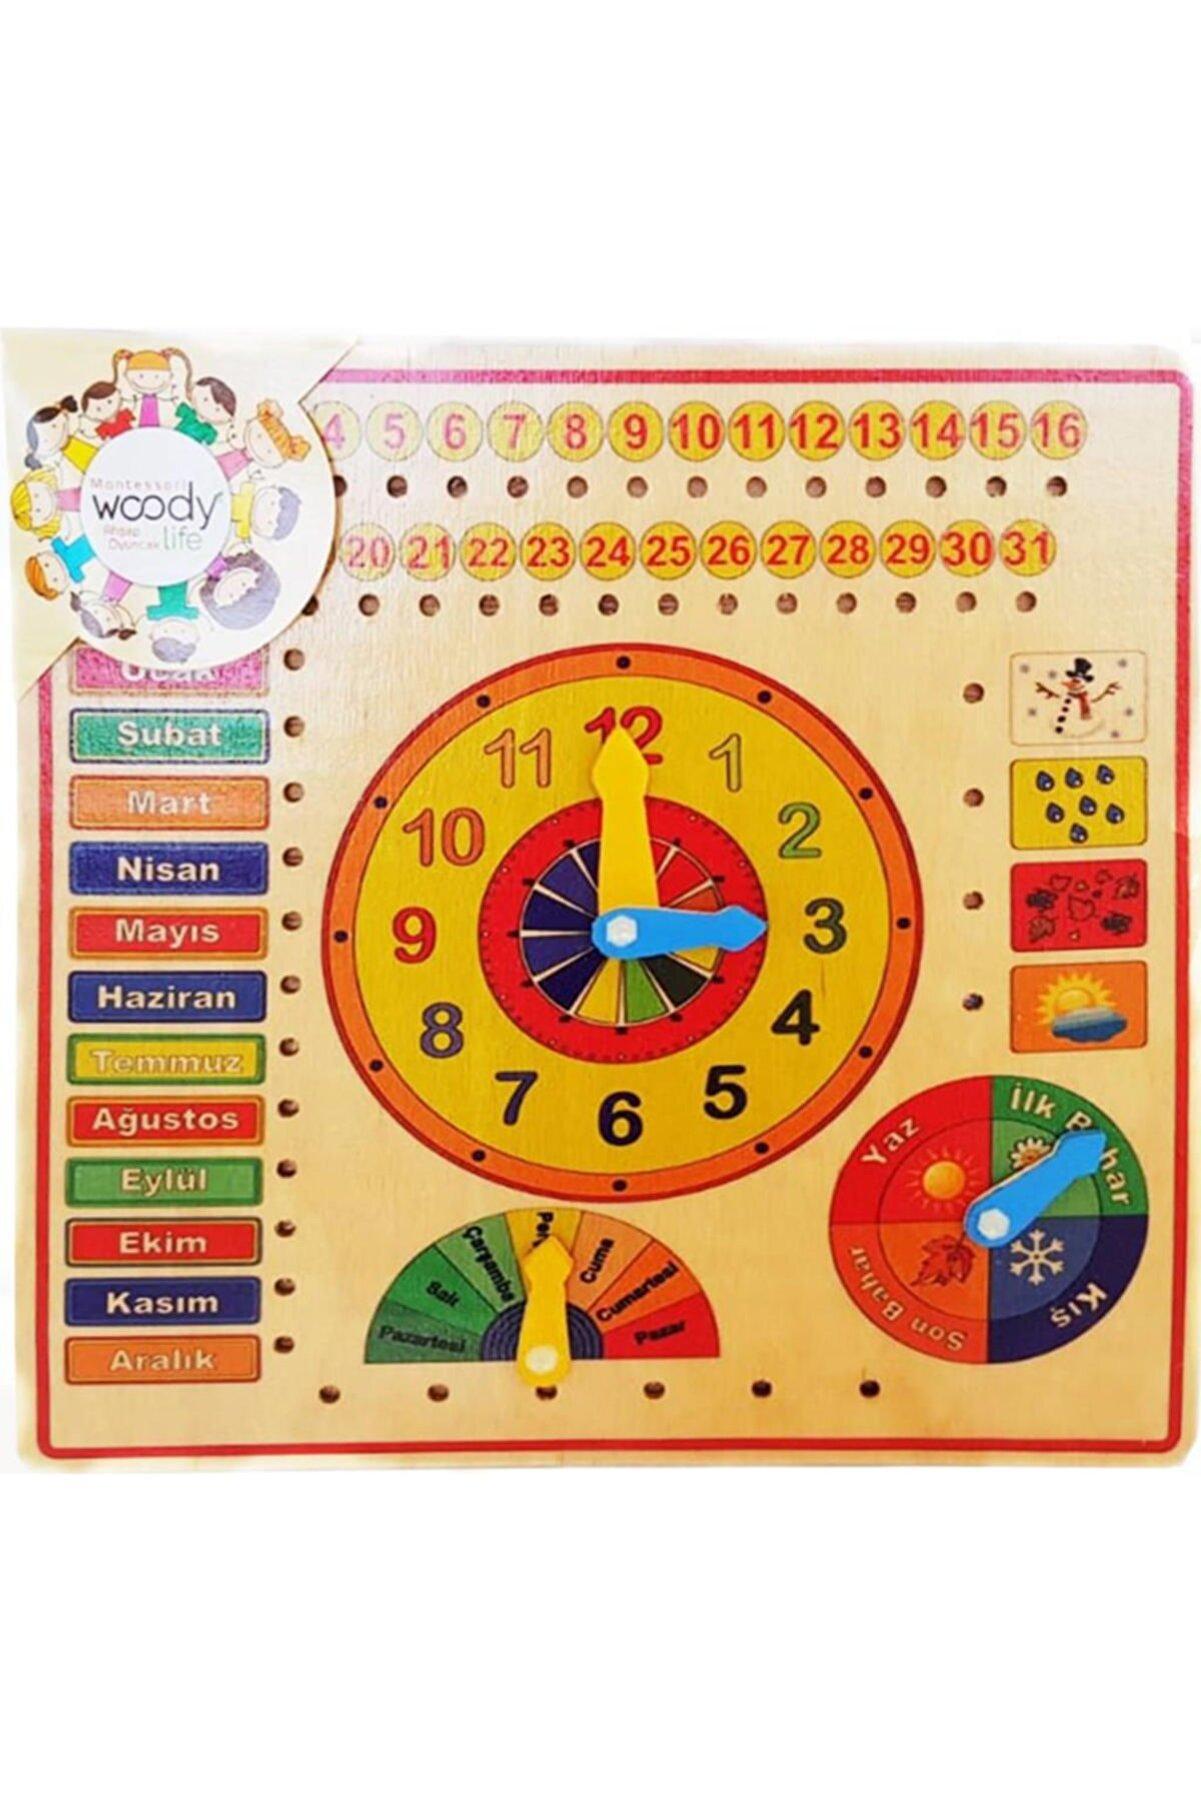 Sunman Ahşap Saat Iklim Mevsim Saat Öğrenme Takvimi Eğitici Ve Zeka Geliştiren Oyuncak